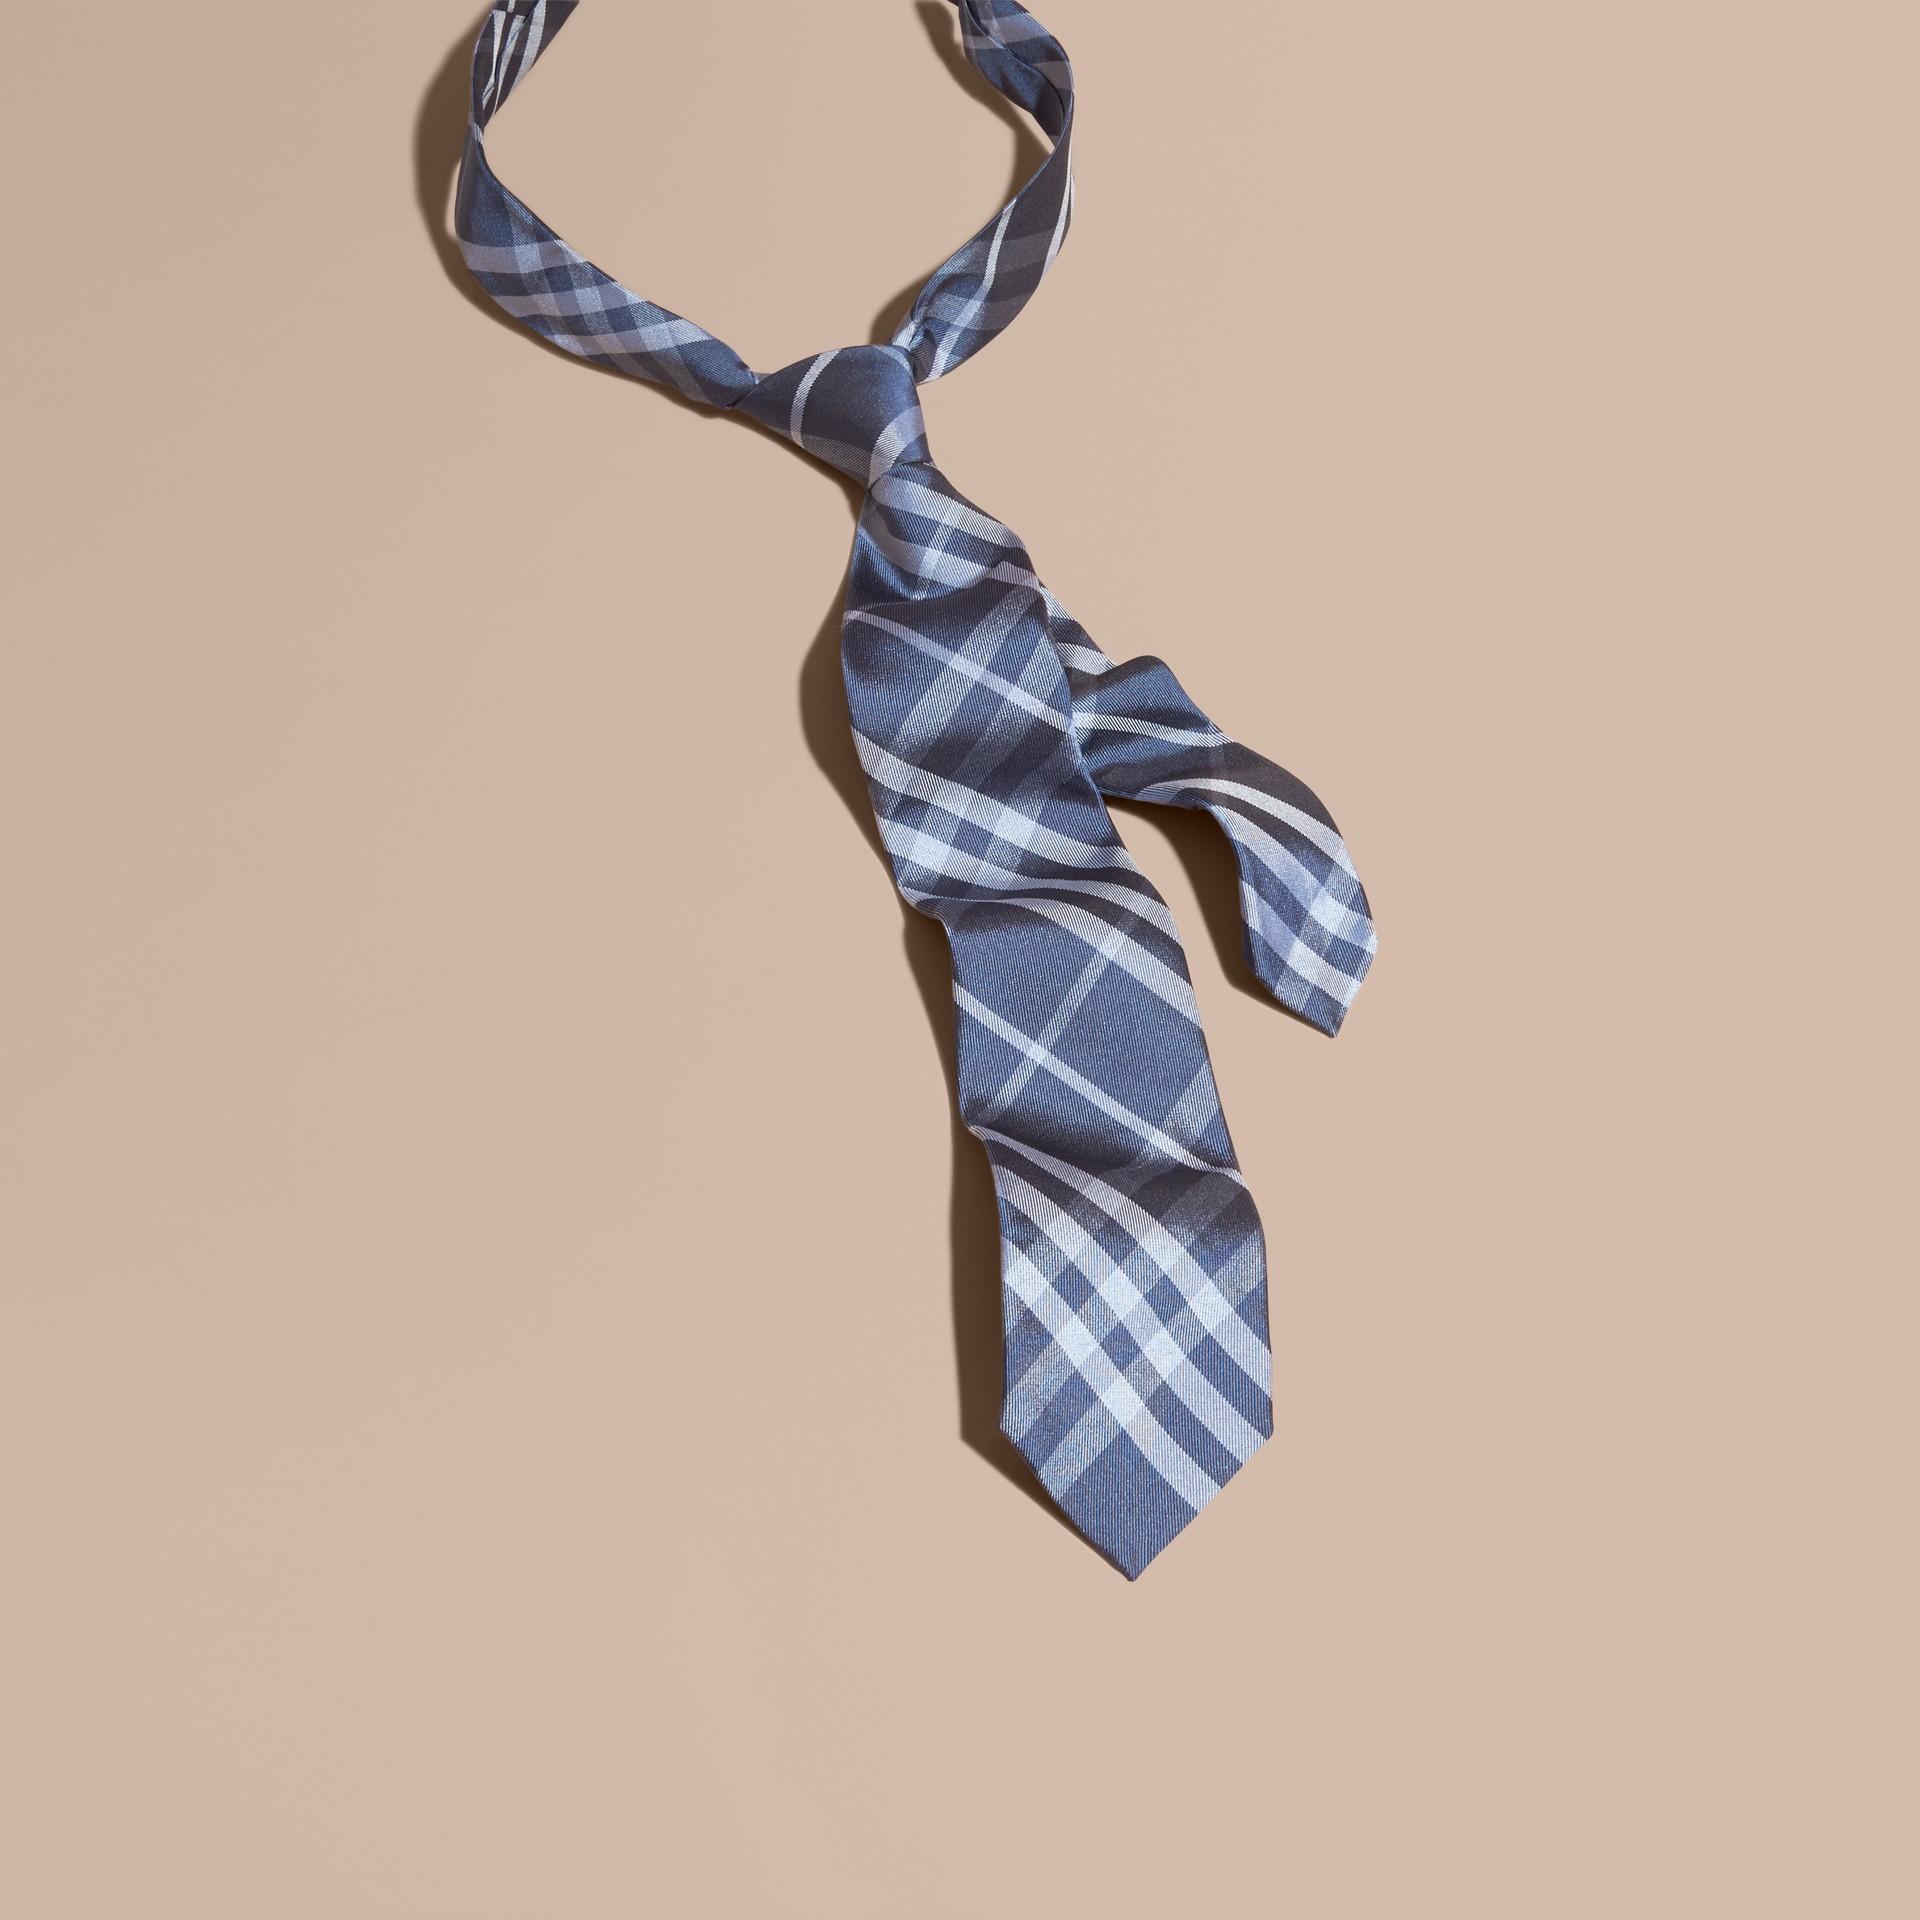 Bleu hortensia Cravate moderne en jacquard de soie à motif check - photo de la galerie 1